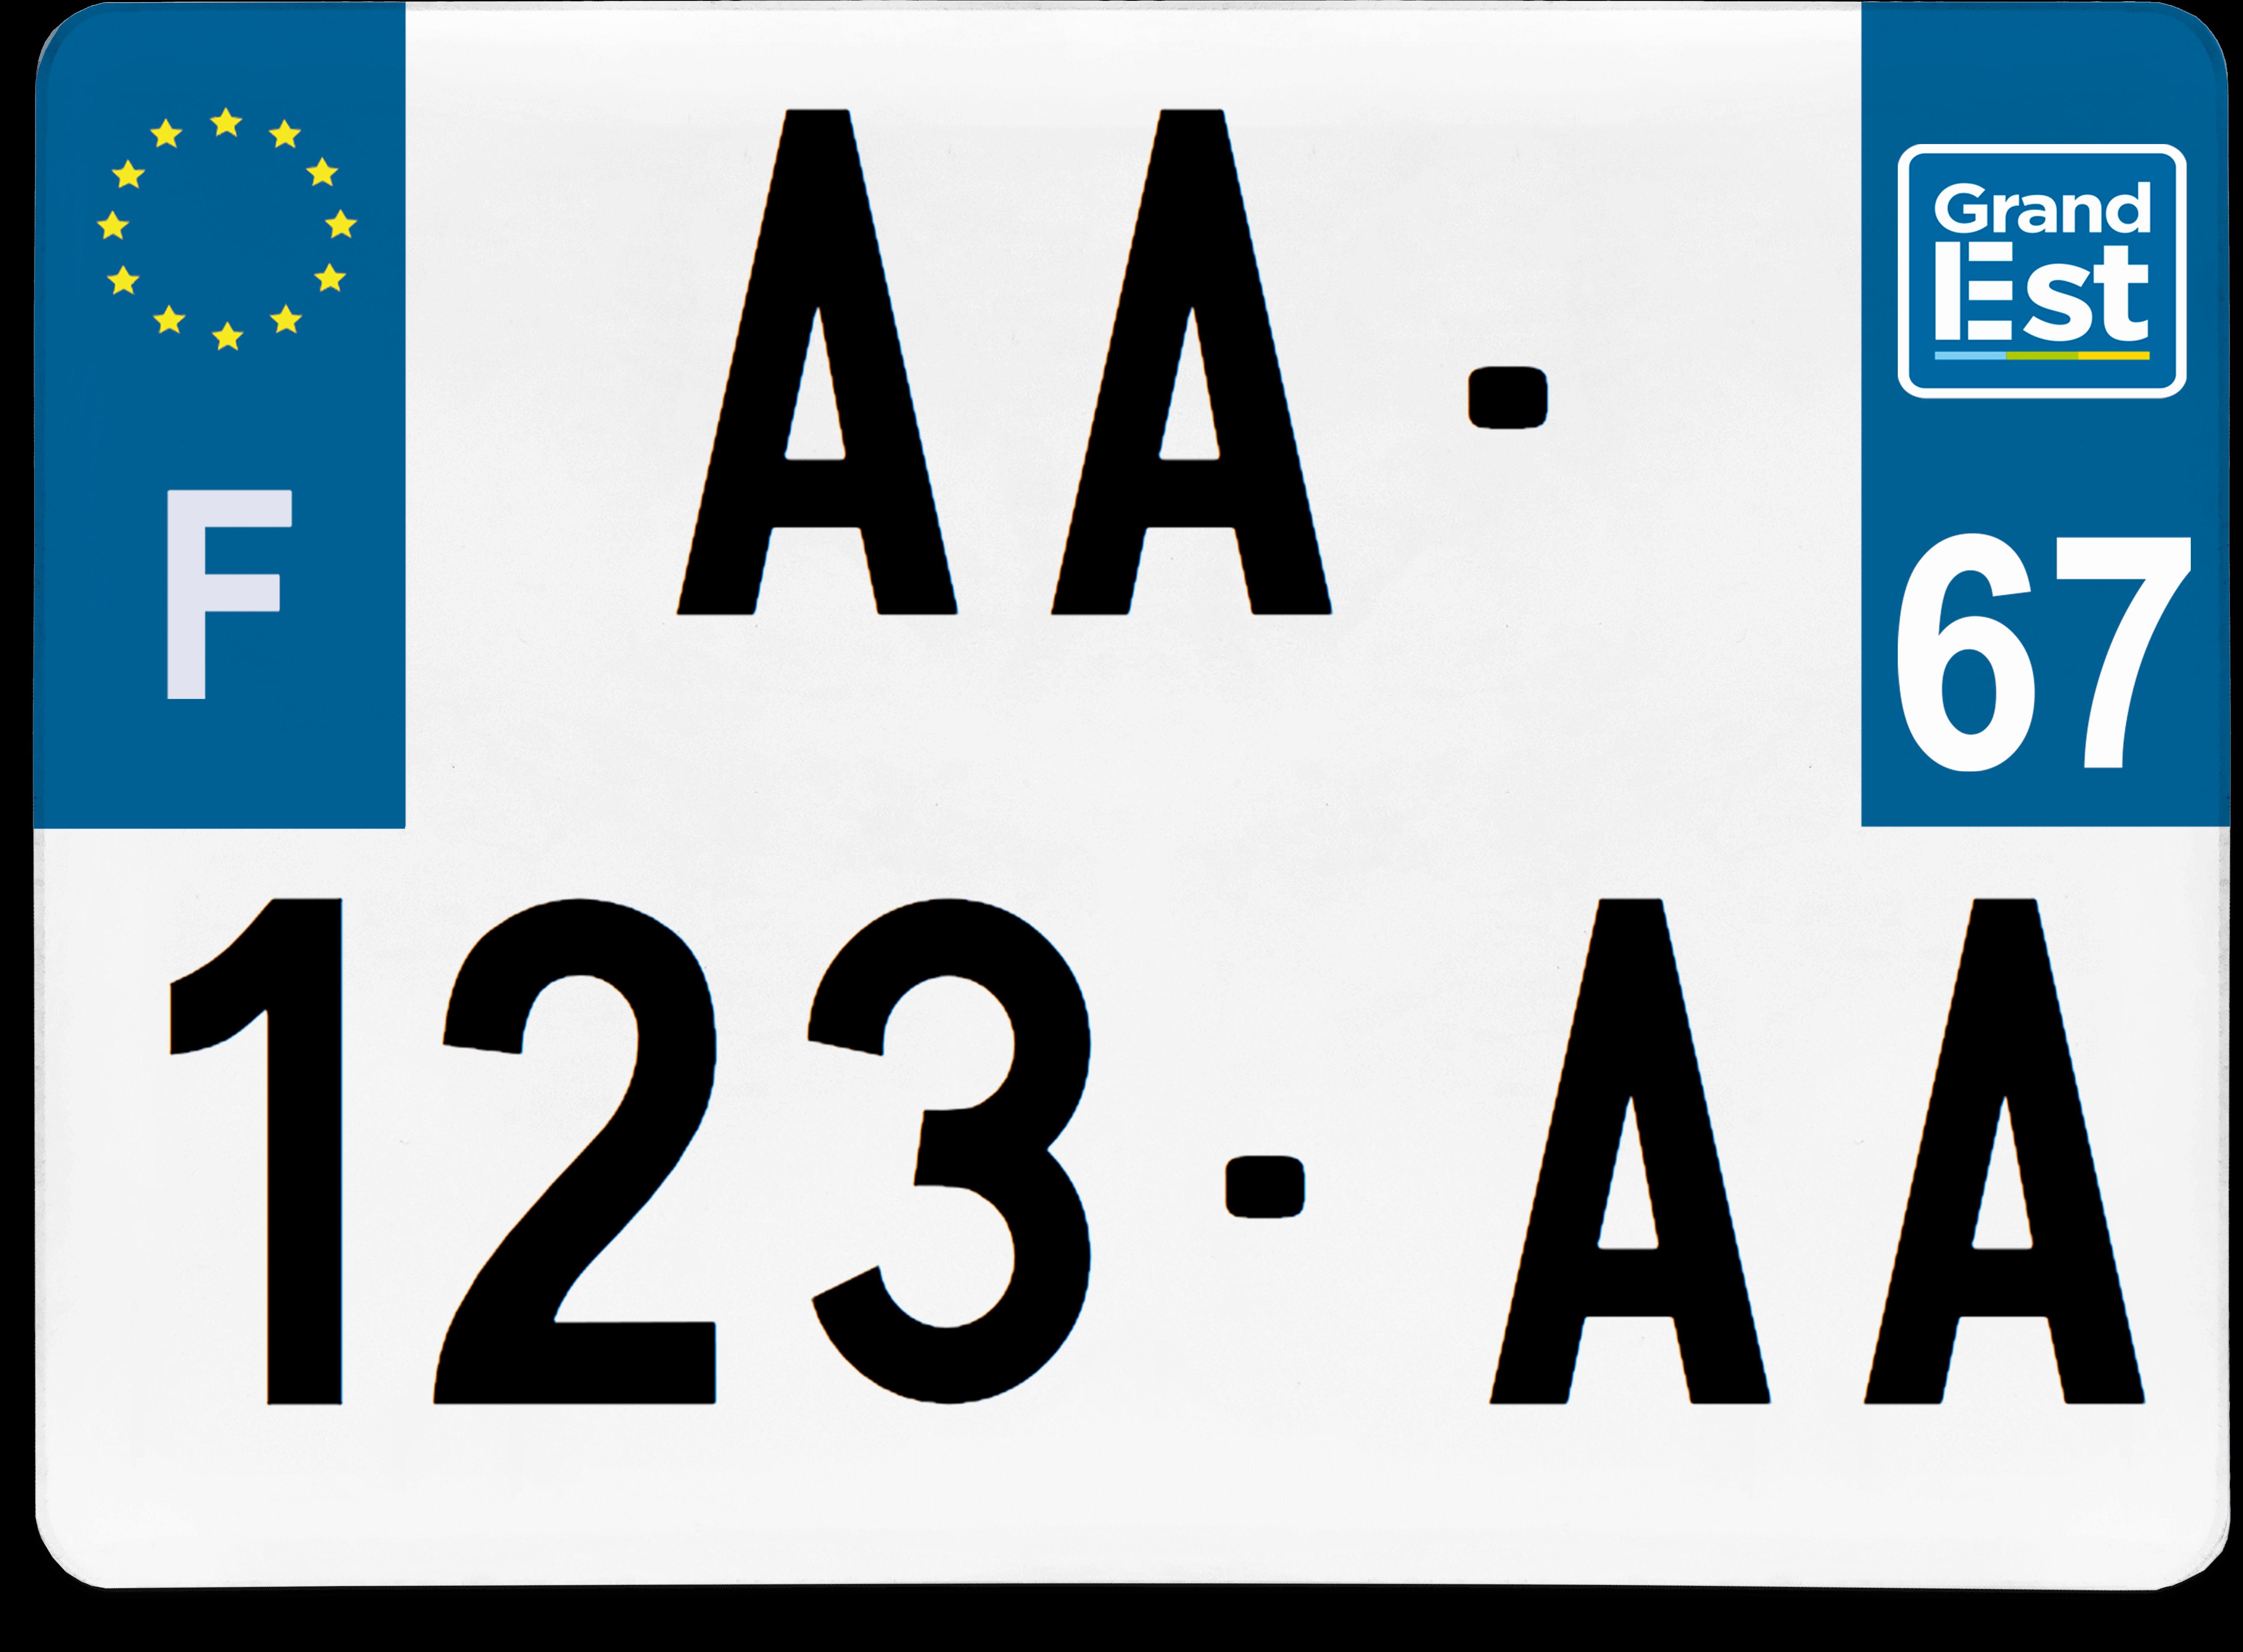 L'Alsace va changer de logo pour ses plaques d'immatriculation